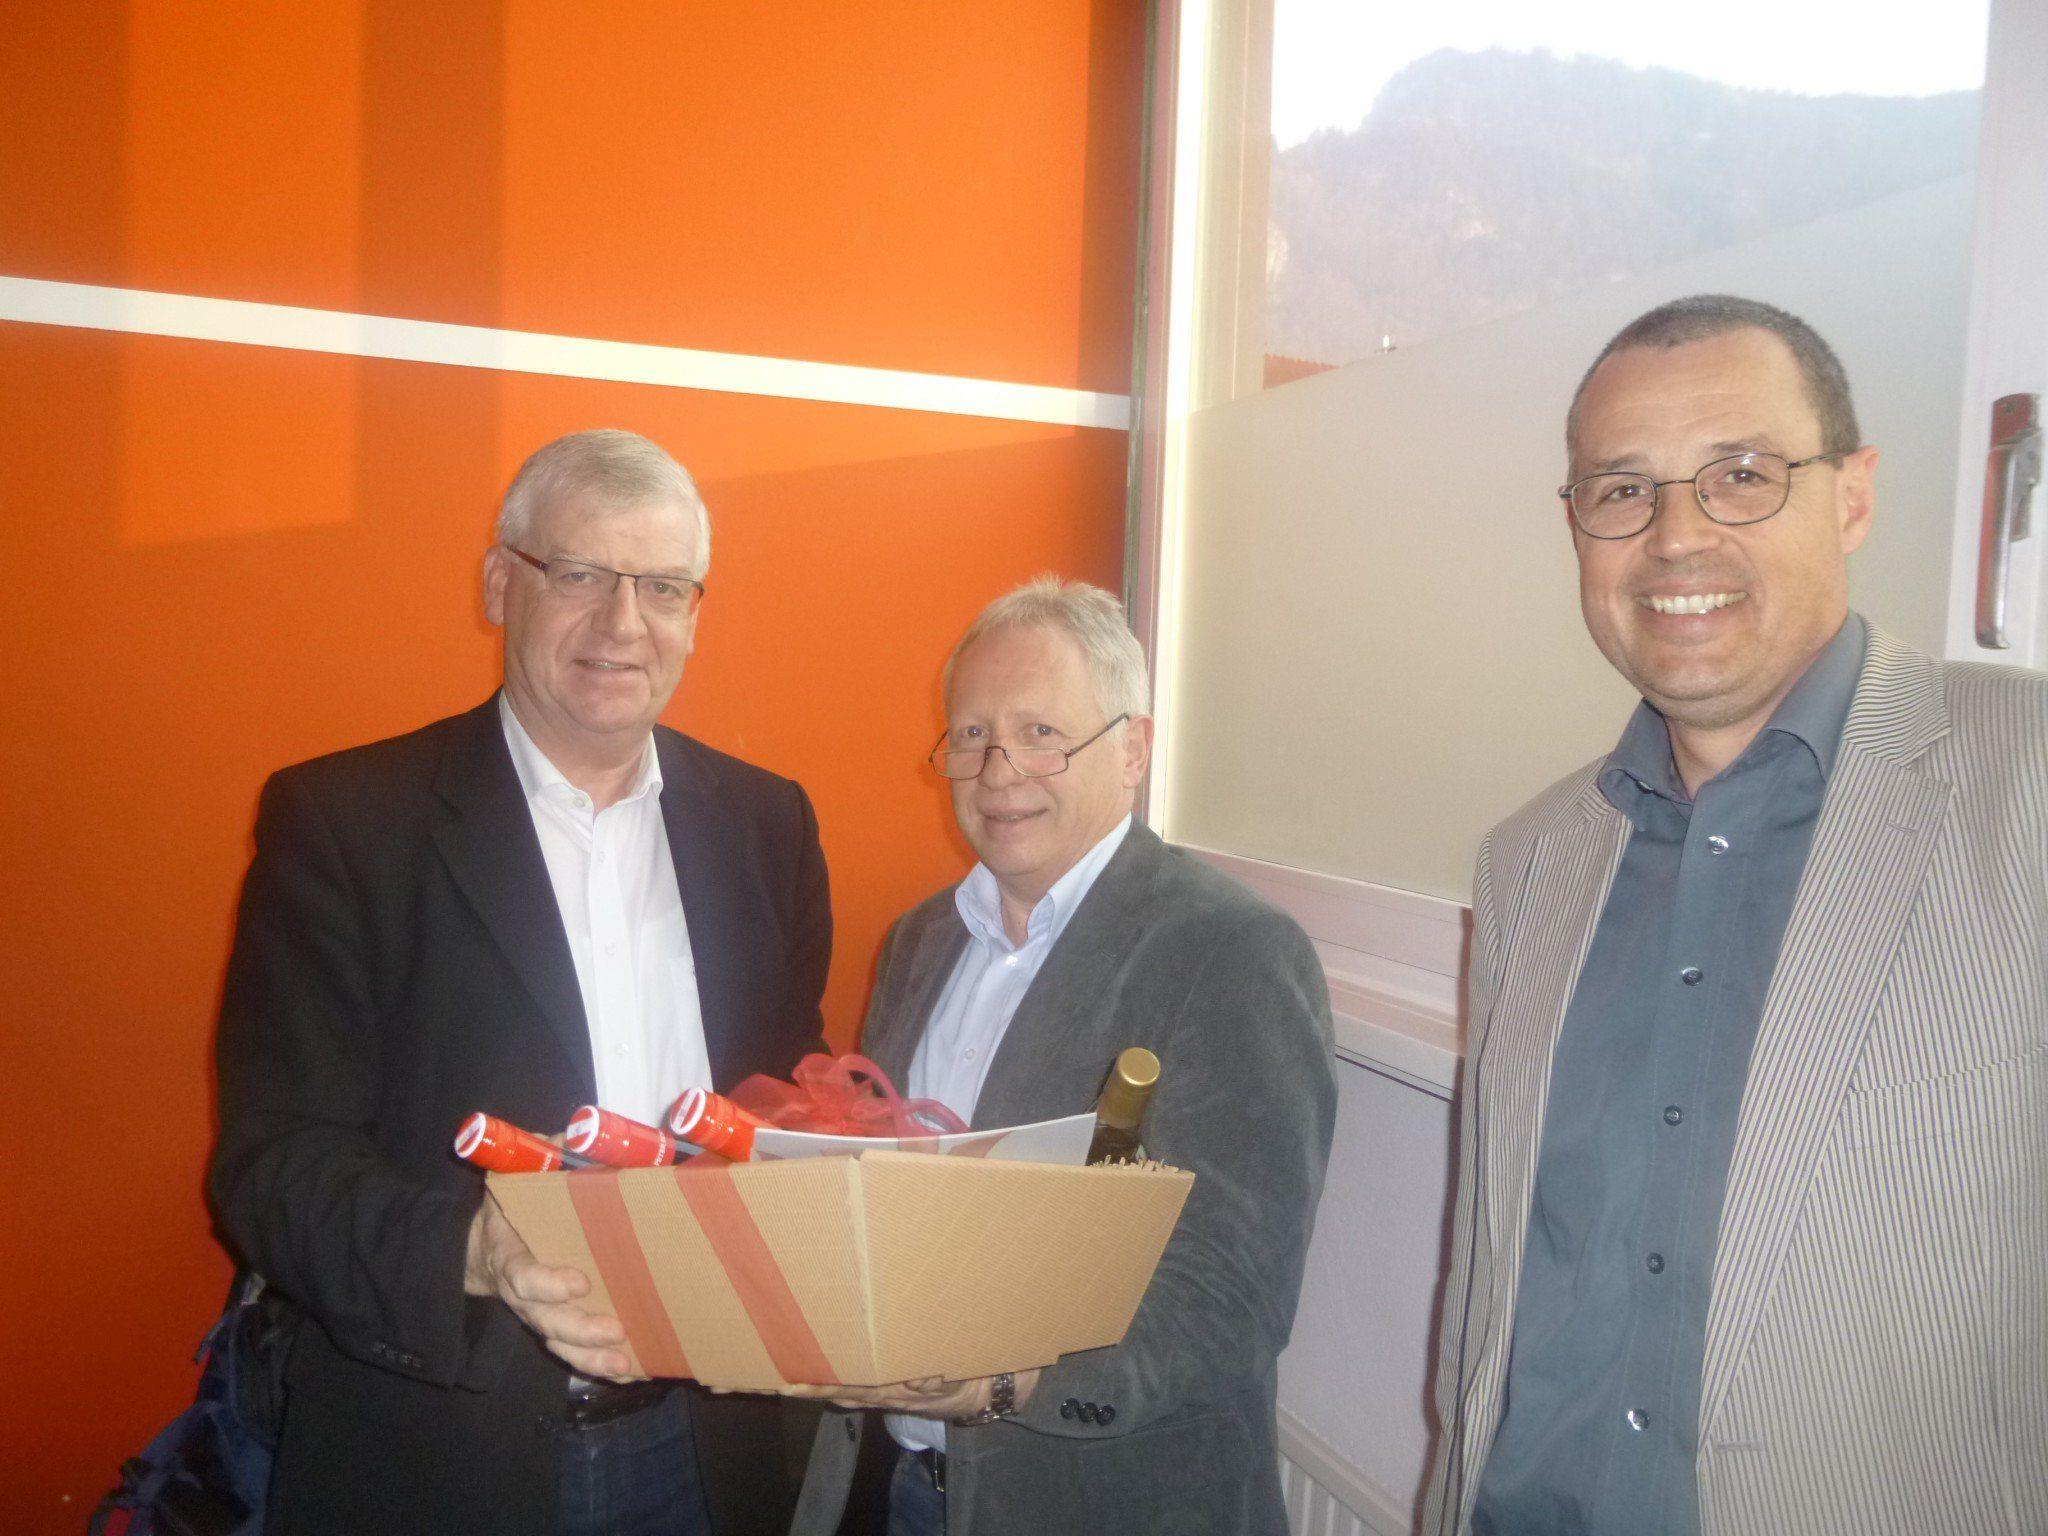 Wolfgang Türtscher (1. v. l.) wird gebührend durch das Vorstandsmitglied Christian Kopf und seinen Nachfolger Hans Rapp verabschiedet.